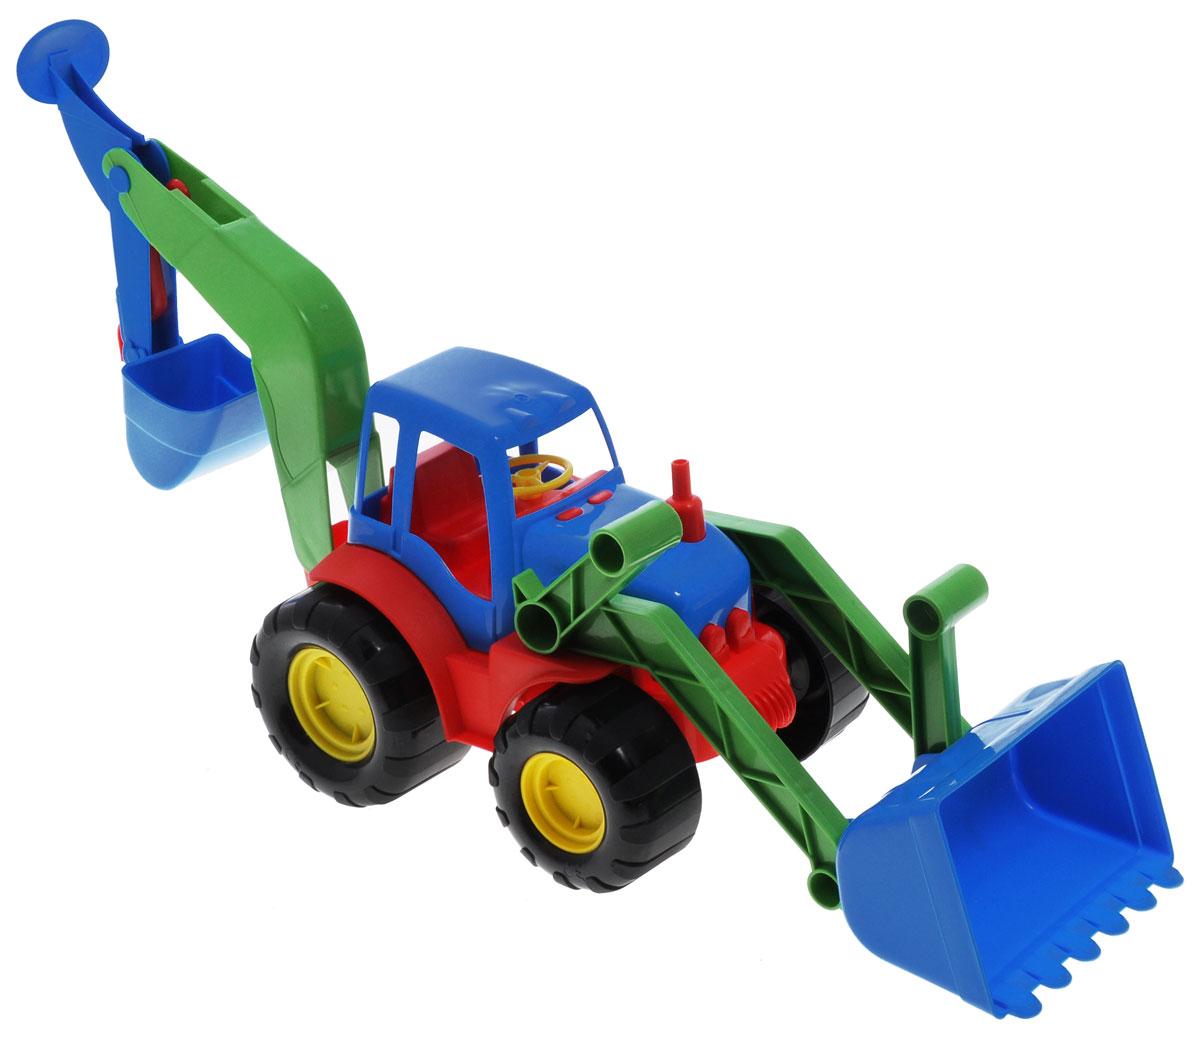 Zebratoys Экскаватор цвет синий красный зеленый15-5262Яркий экскаватор Zebratoys, изготовленный из прочного и безопасного материала, отлично подойдет ребенку для различных игр. Экскаватор - прекрасный помощник на строительной площадке. Игрушка оснащена подвижным ковшом, с помощью которого можно перемещать материалы (камушки, песок, веточки), убирать строительный мусор или расчищать площадку. Большие колеса обеспечивают экскаватору устойчивость и хорошую проходимость. Ваш юный строитель сможет прекрасно провести время дома или на улице, воспроизводя свою стройку.